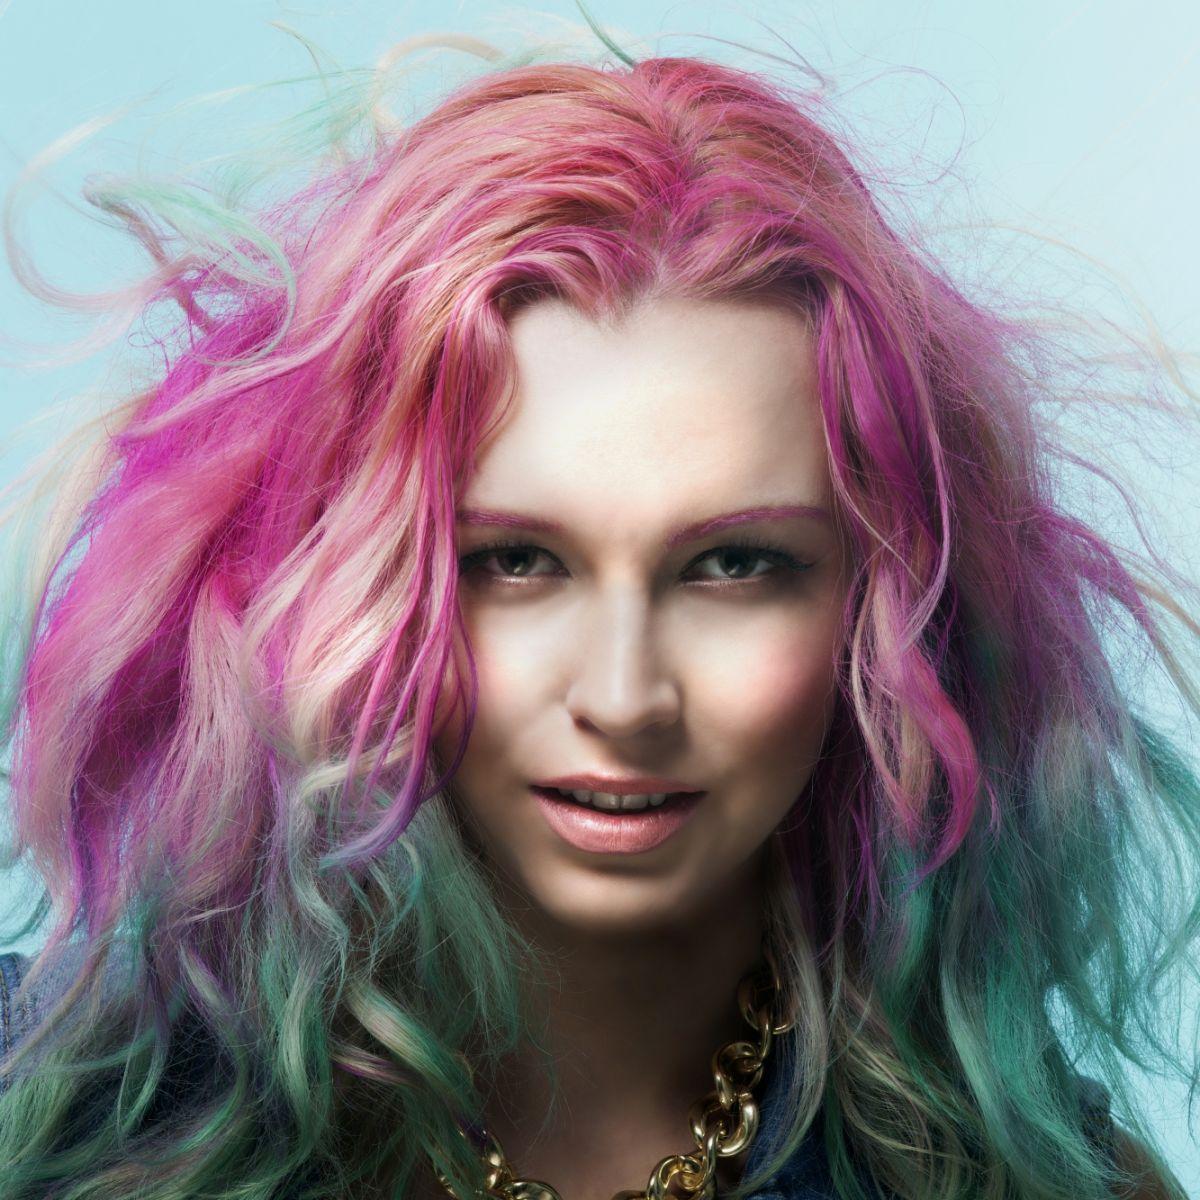 Окрашивание волос 2018 цветное